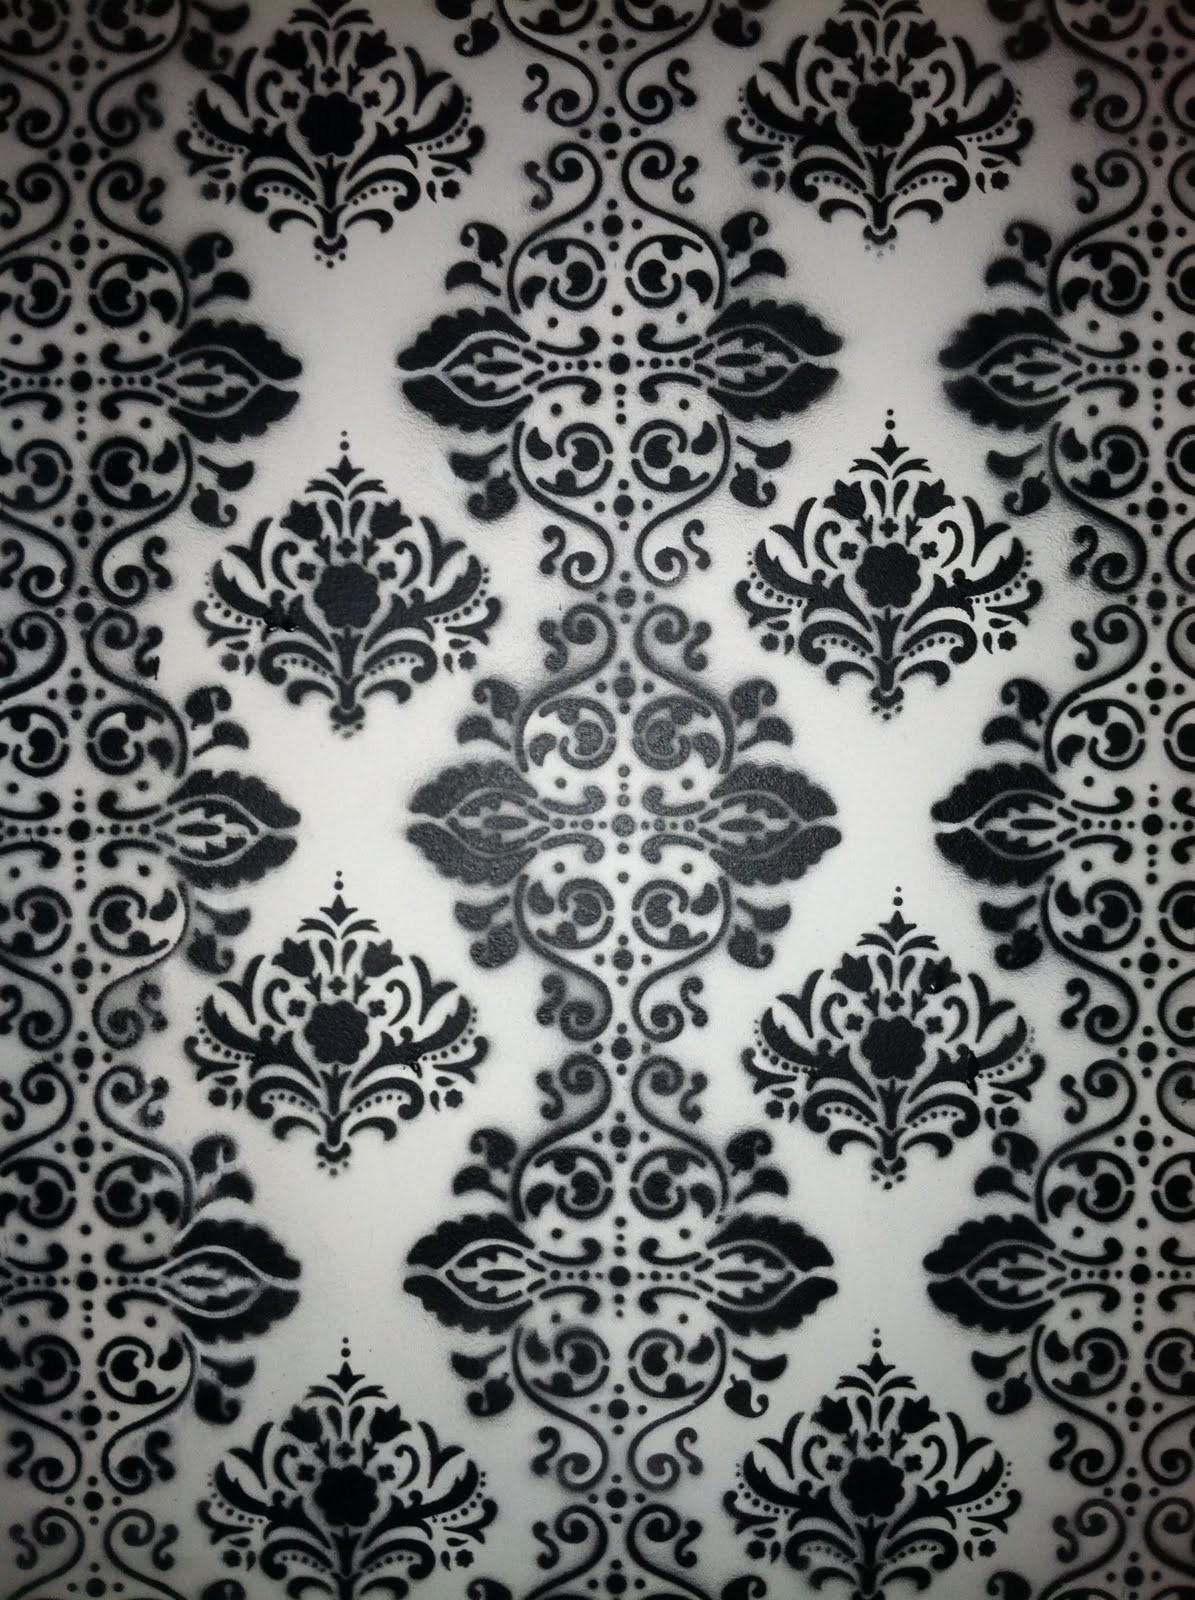 design#736994: black and white wallpaper for bedroom – 17 best